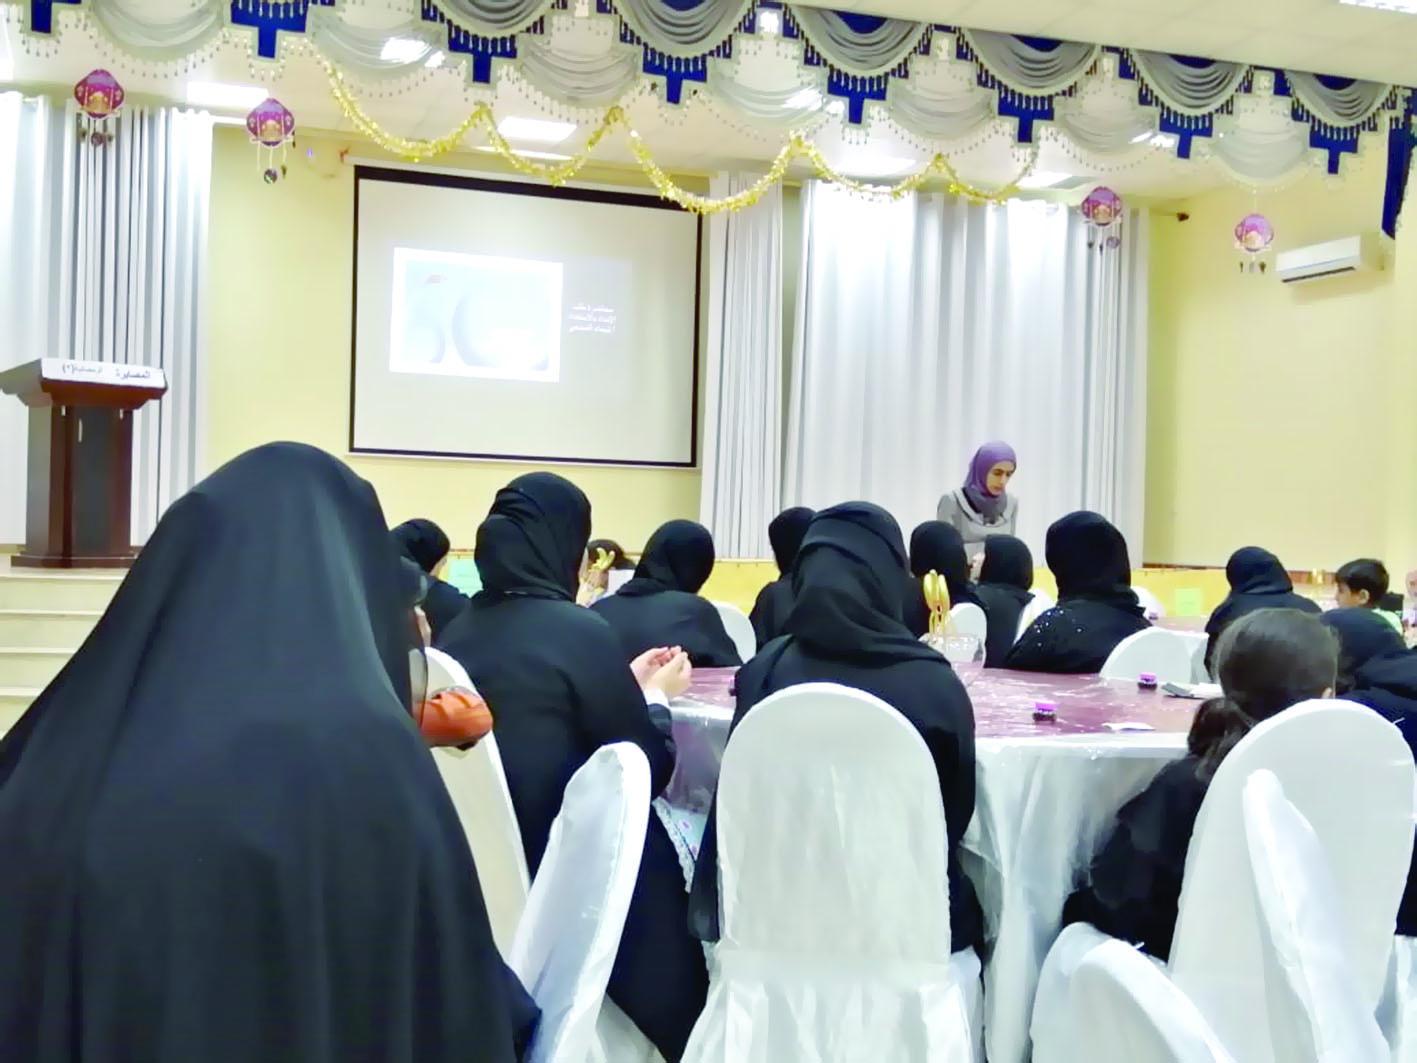 المصابرة الرمضانية بجمعية المرأة بشناص